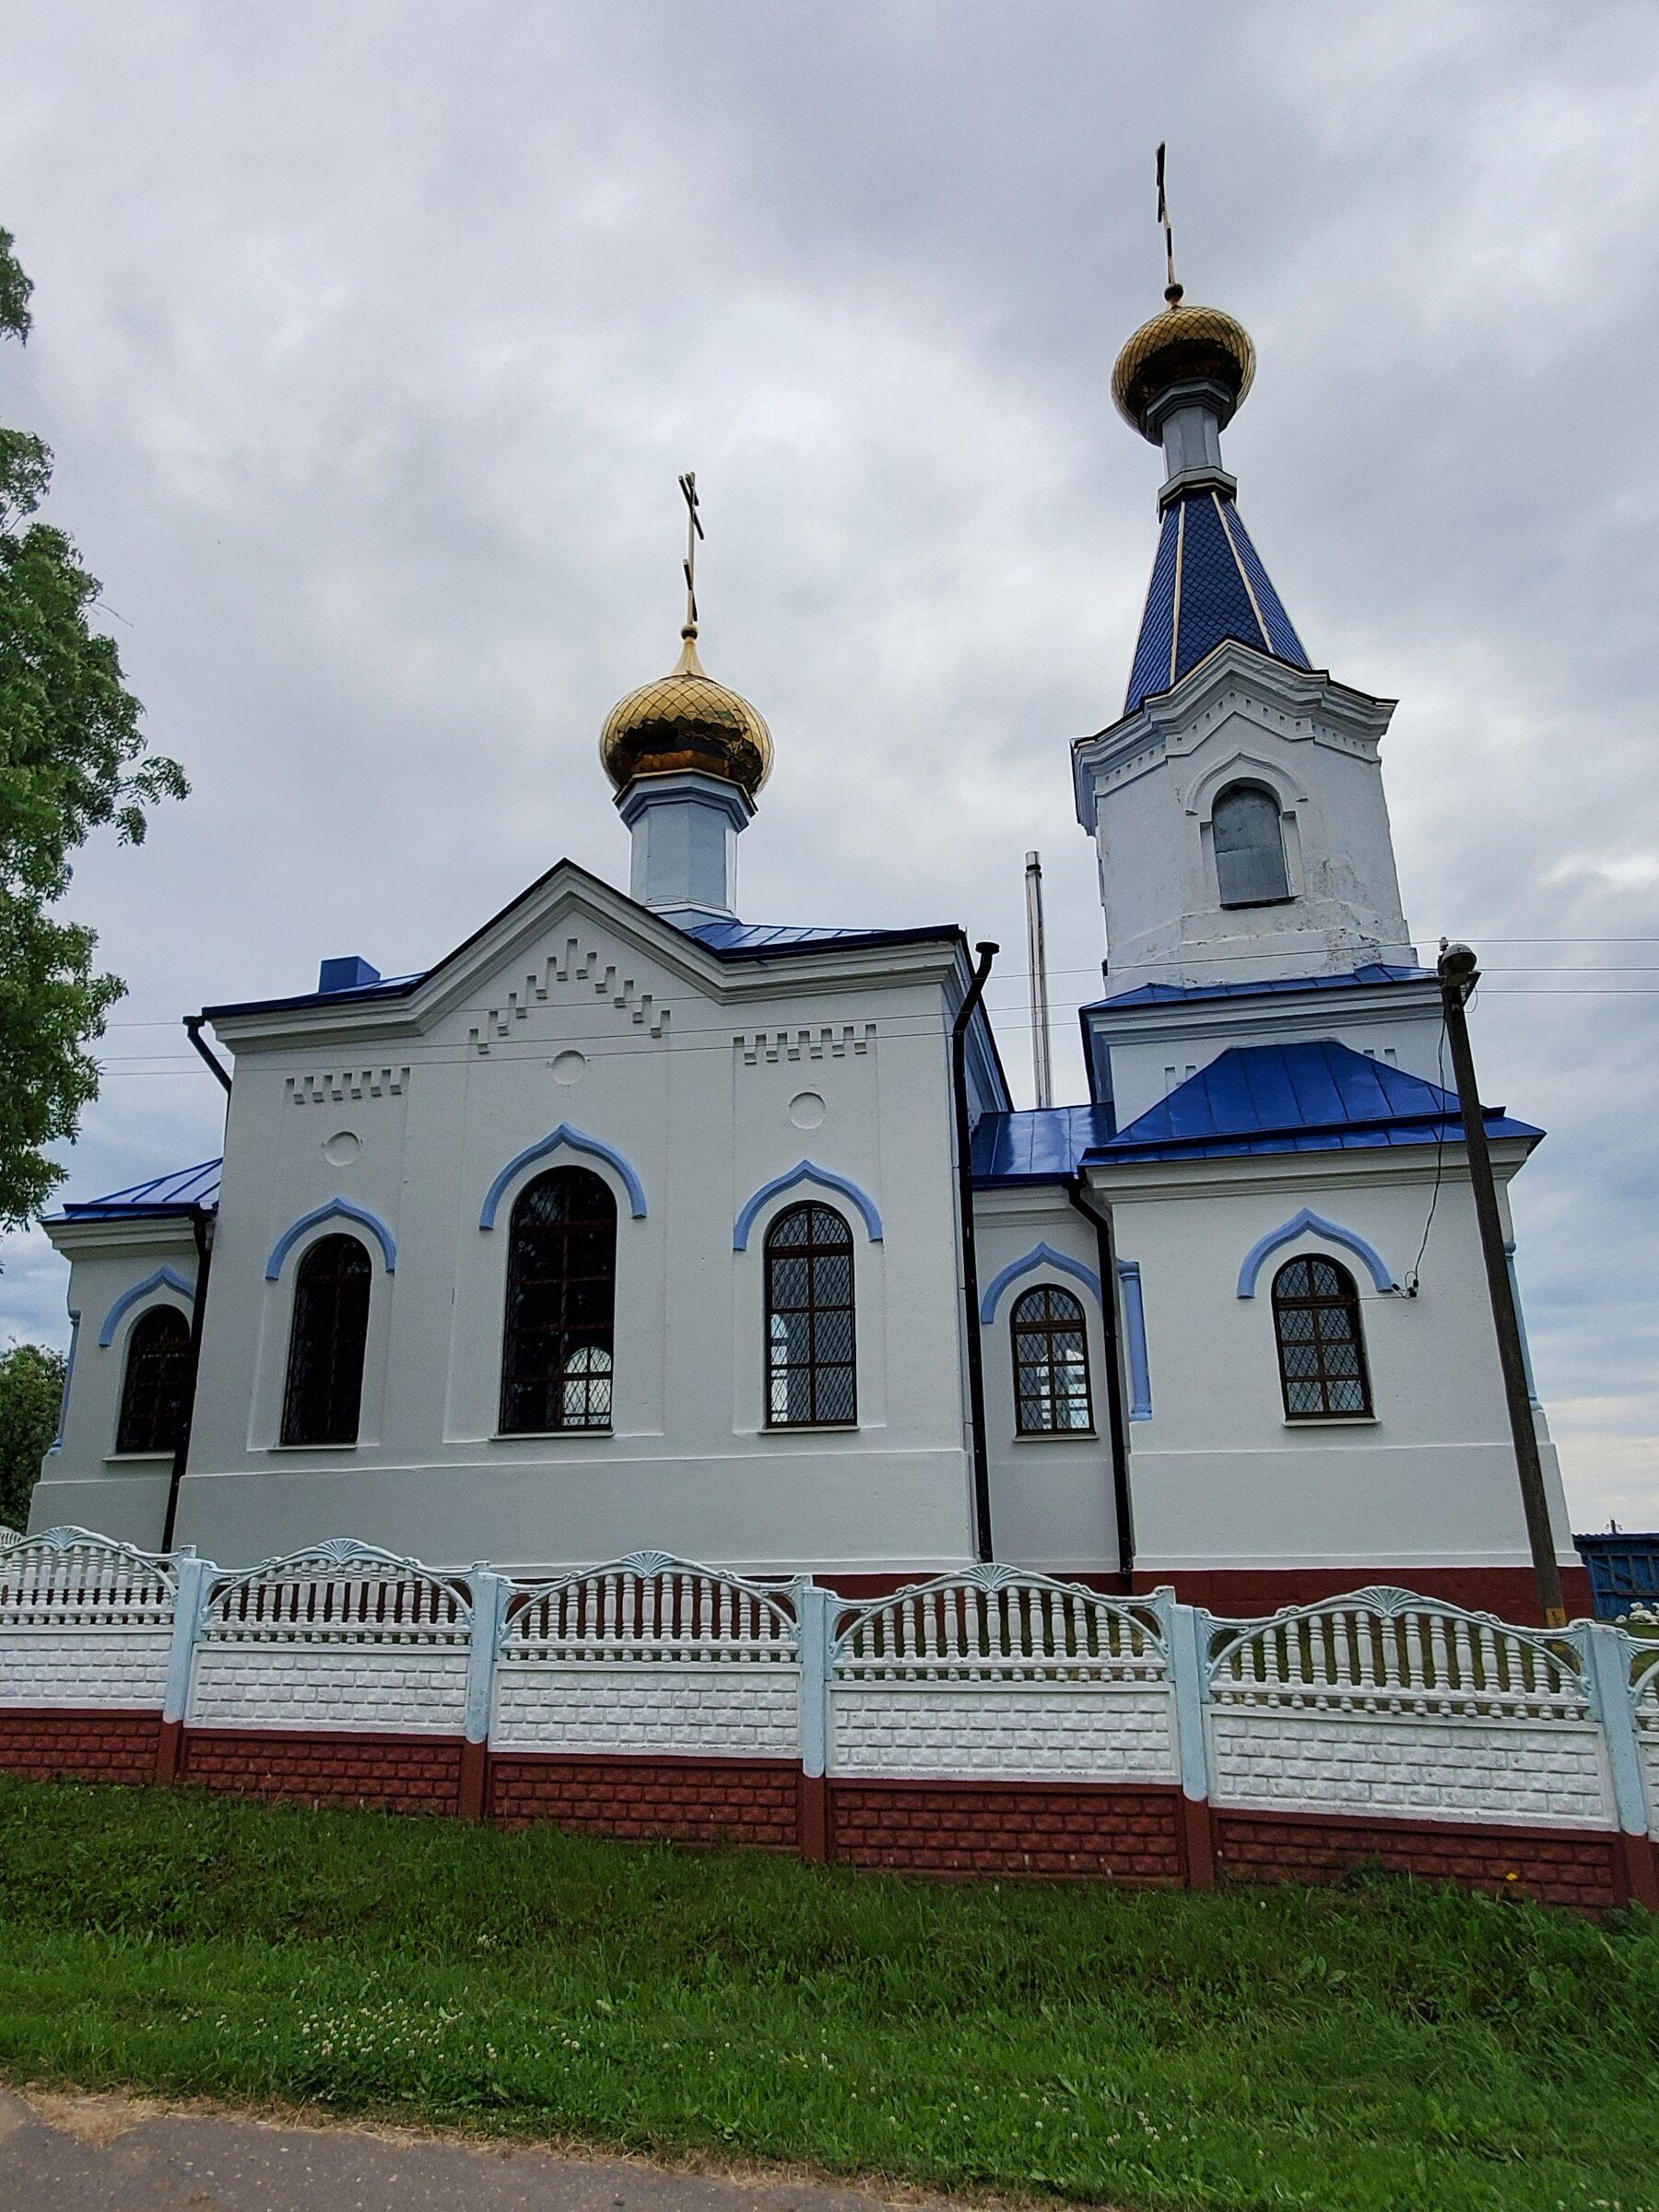 20200705 125136 rotated - Церковь Святых Апостолов Петра и Павла в Прозороках